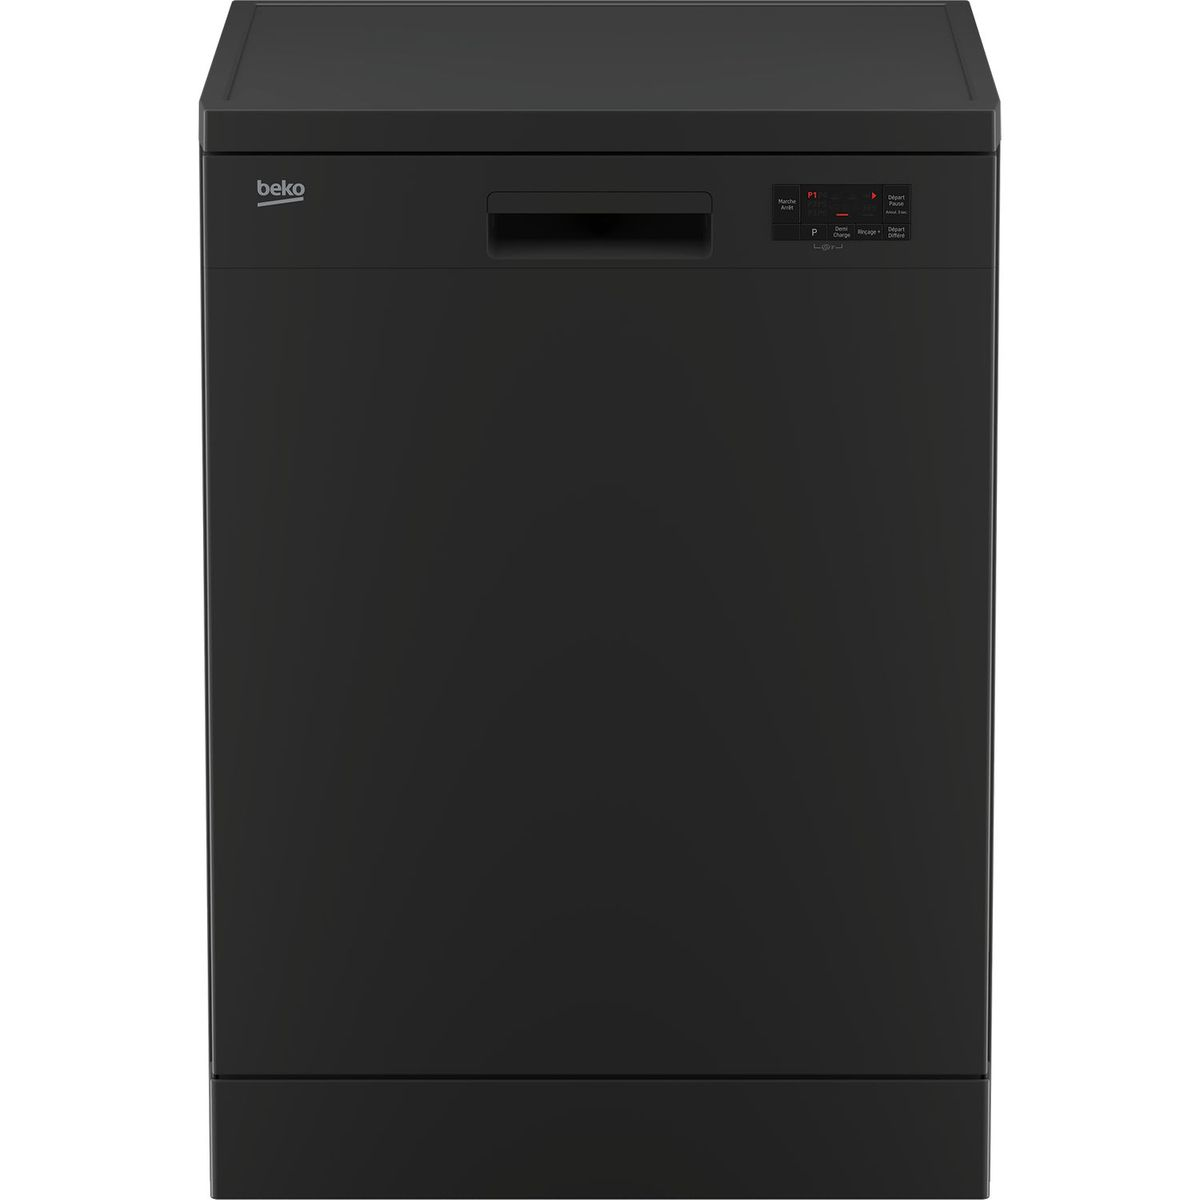 Lave-vaisselle pose libre DFN15320A, 13 couverts, 60 cm, 47 dB, 5 programmes